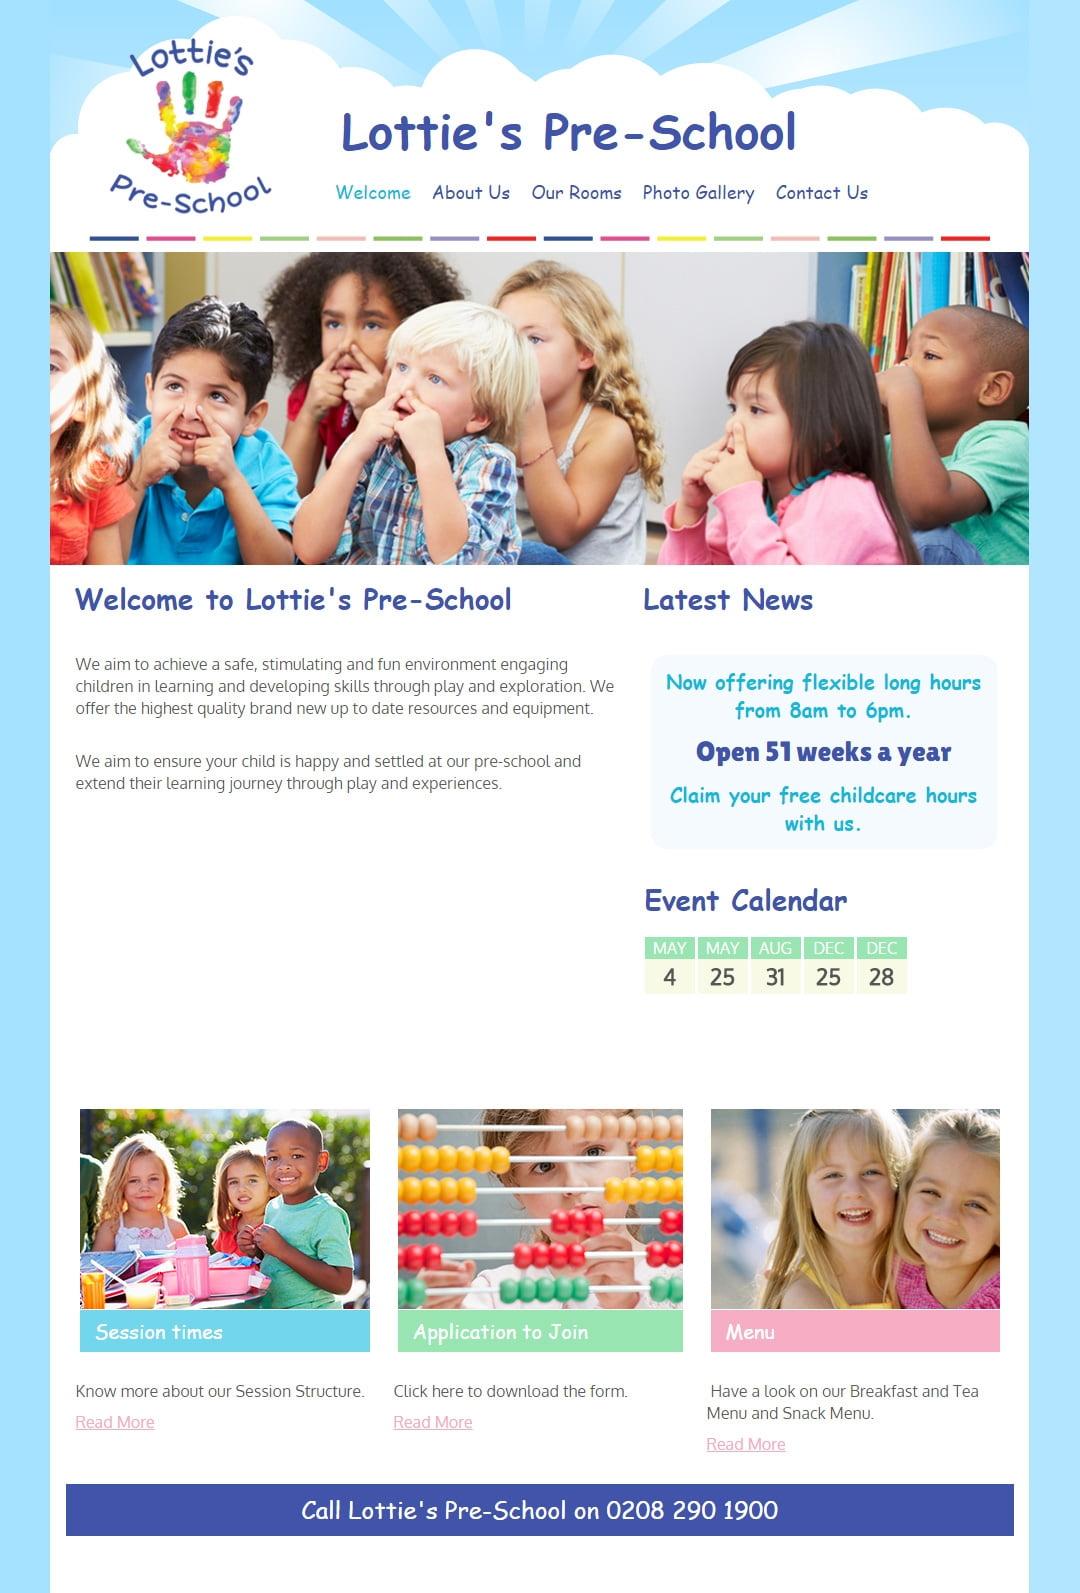 Lottie's Pre-School